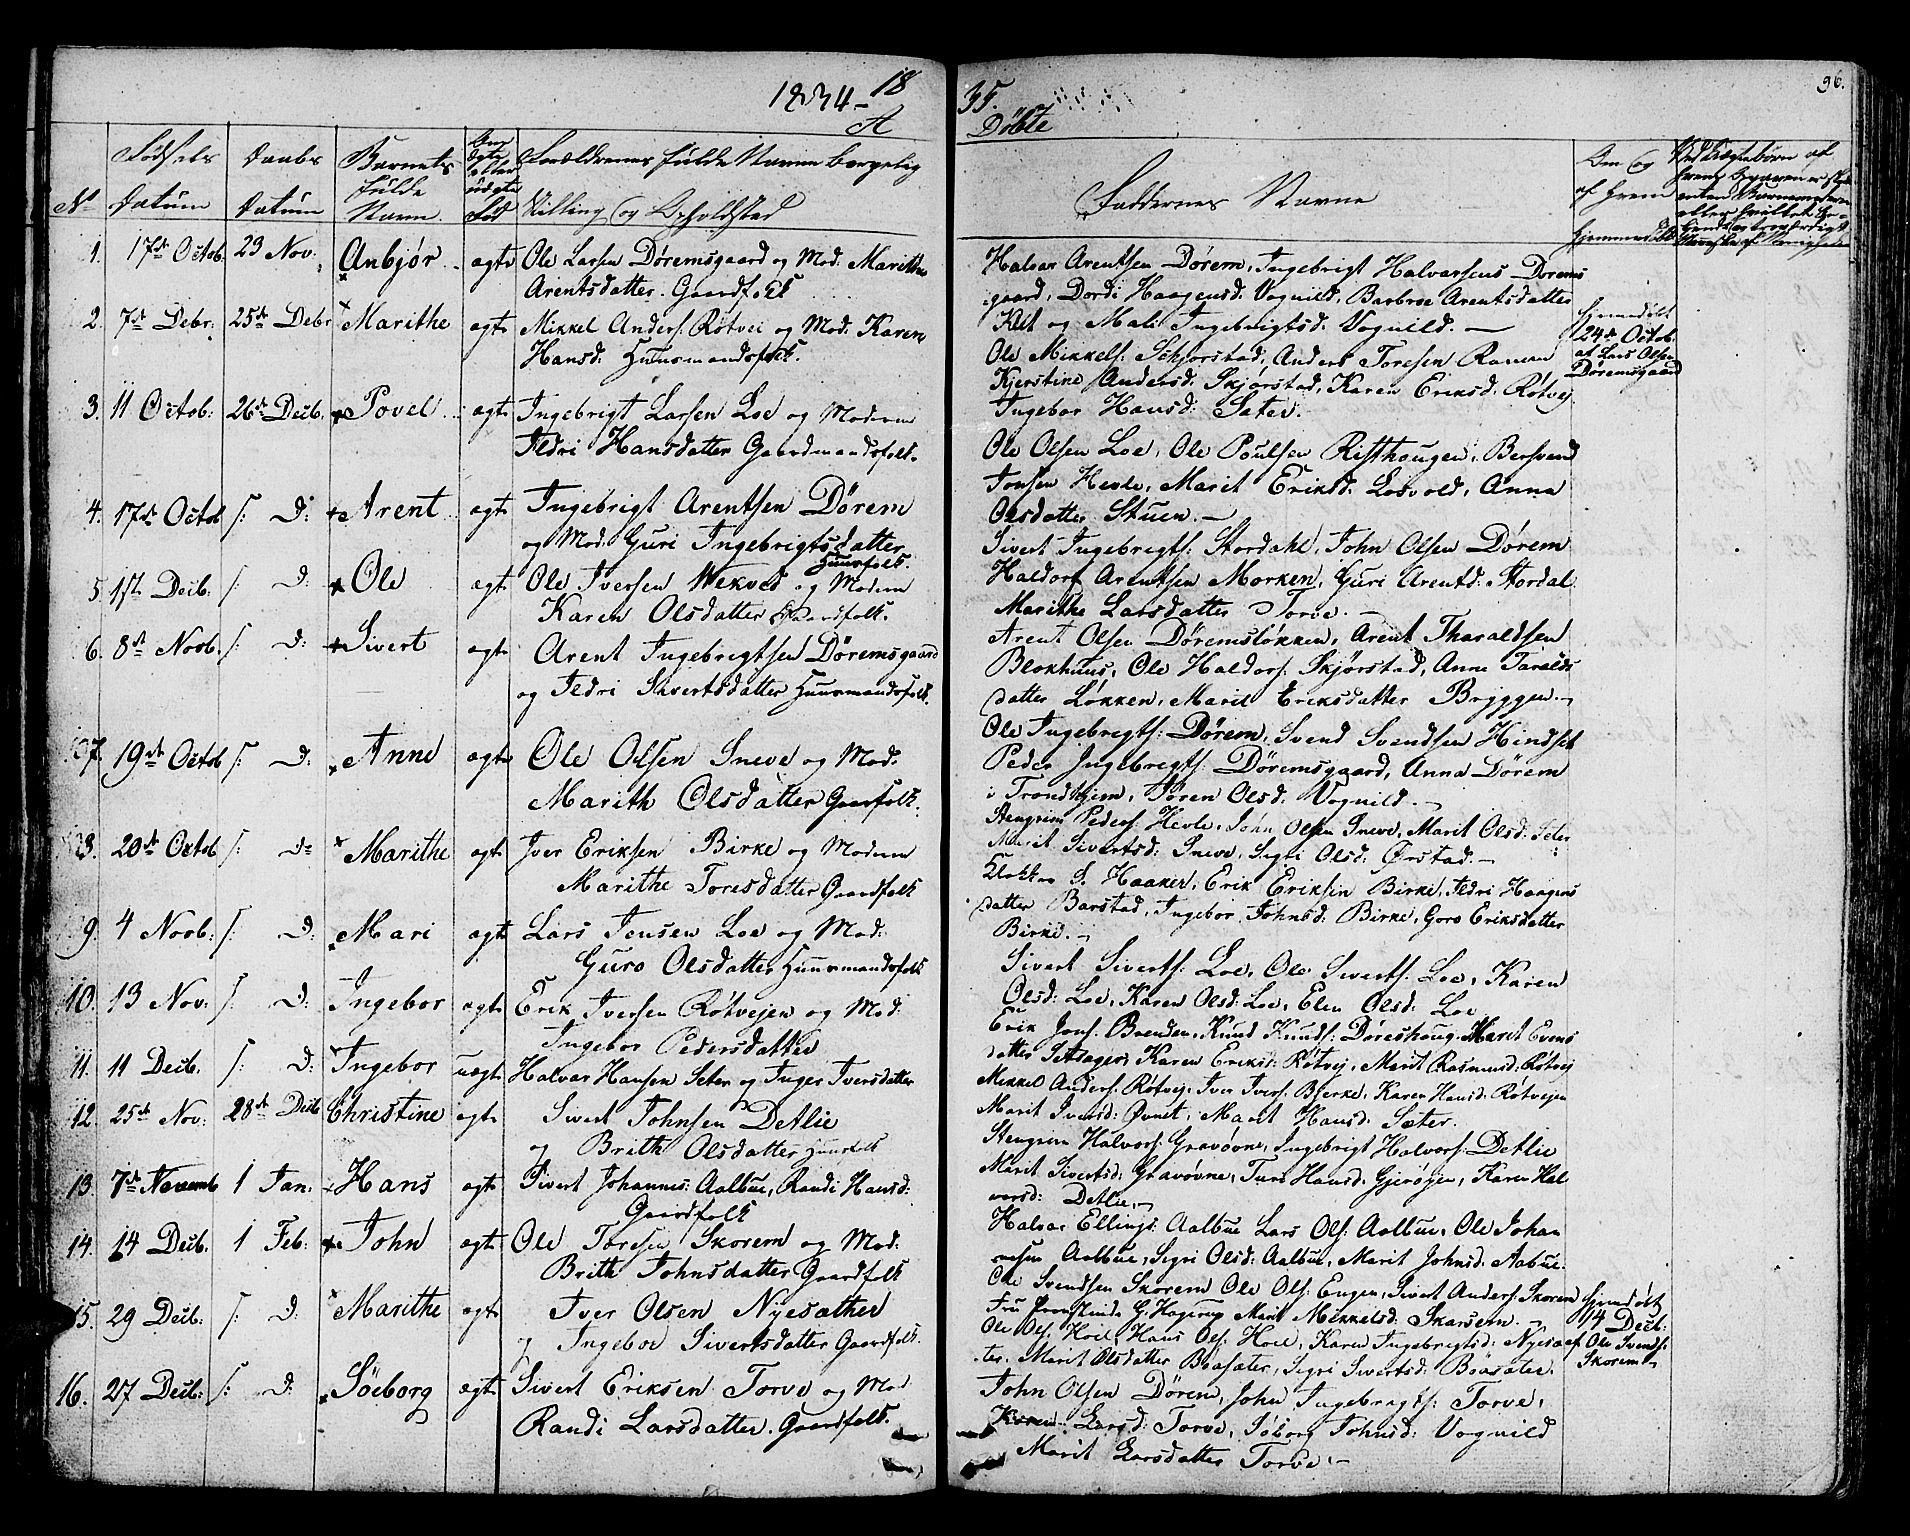 SAT, Ministerialprotokoller, klokkerbøker og fødselsregistre - Sør-Trøndelag, 678/L0897: Ministerialbok nr. 678A06-07, 1821-1847, s. 96